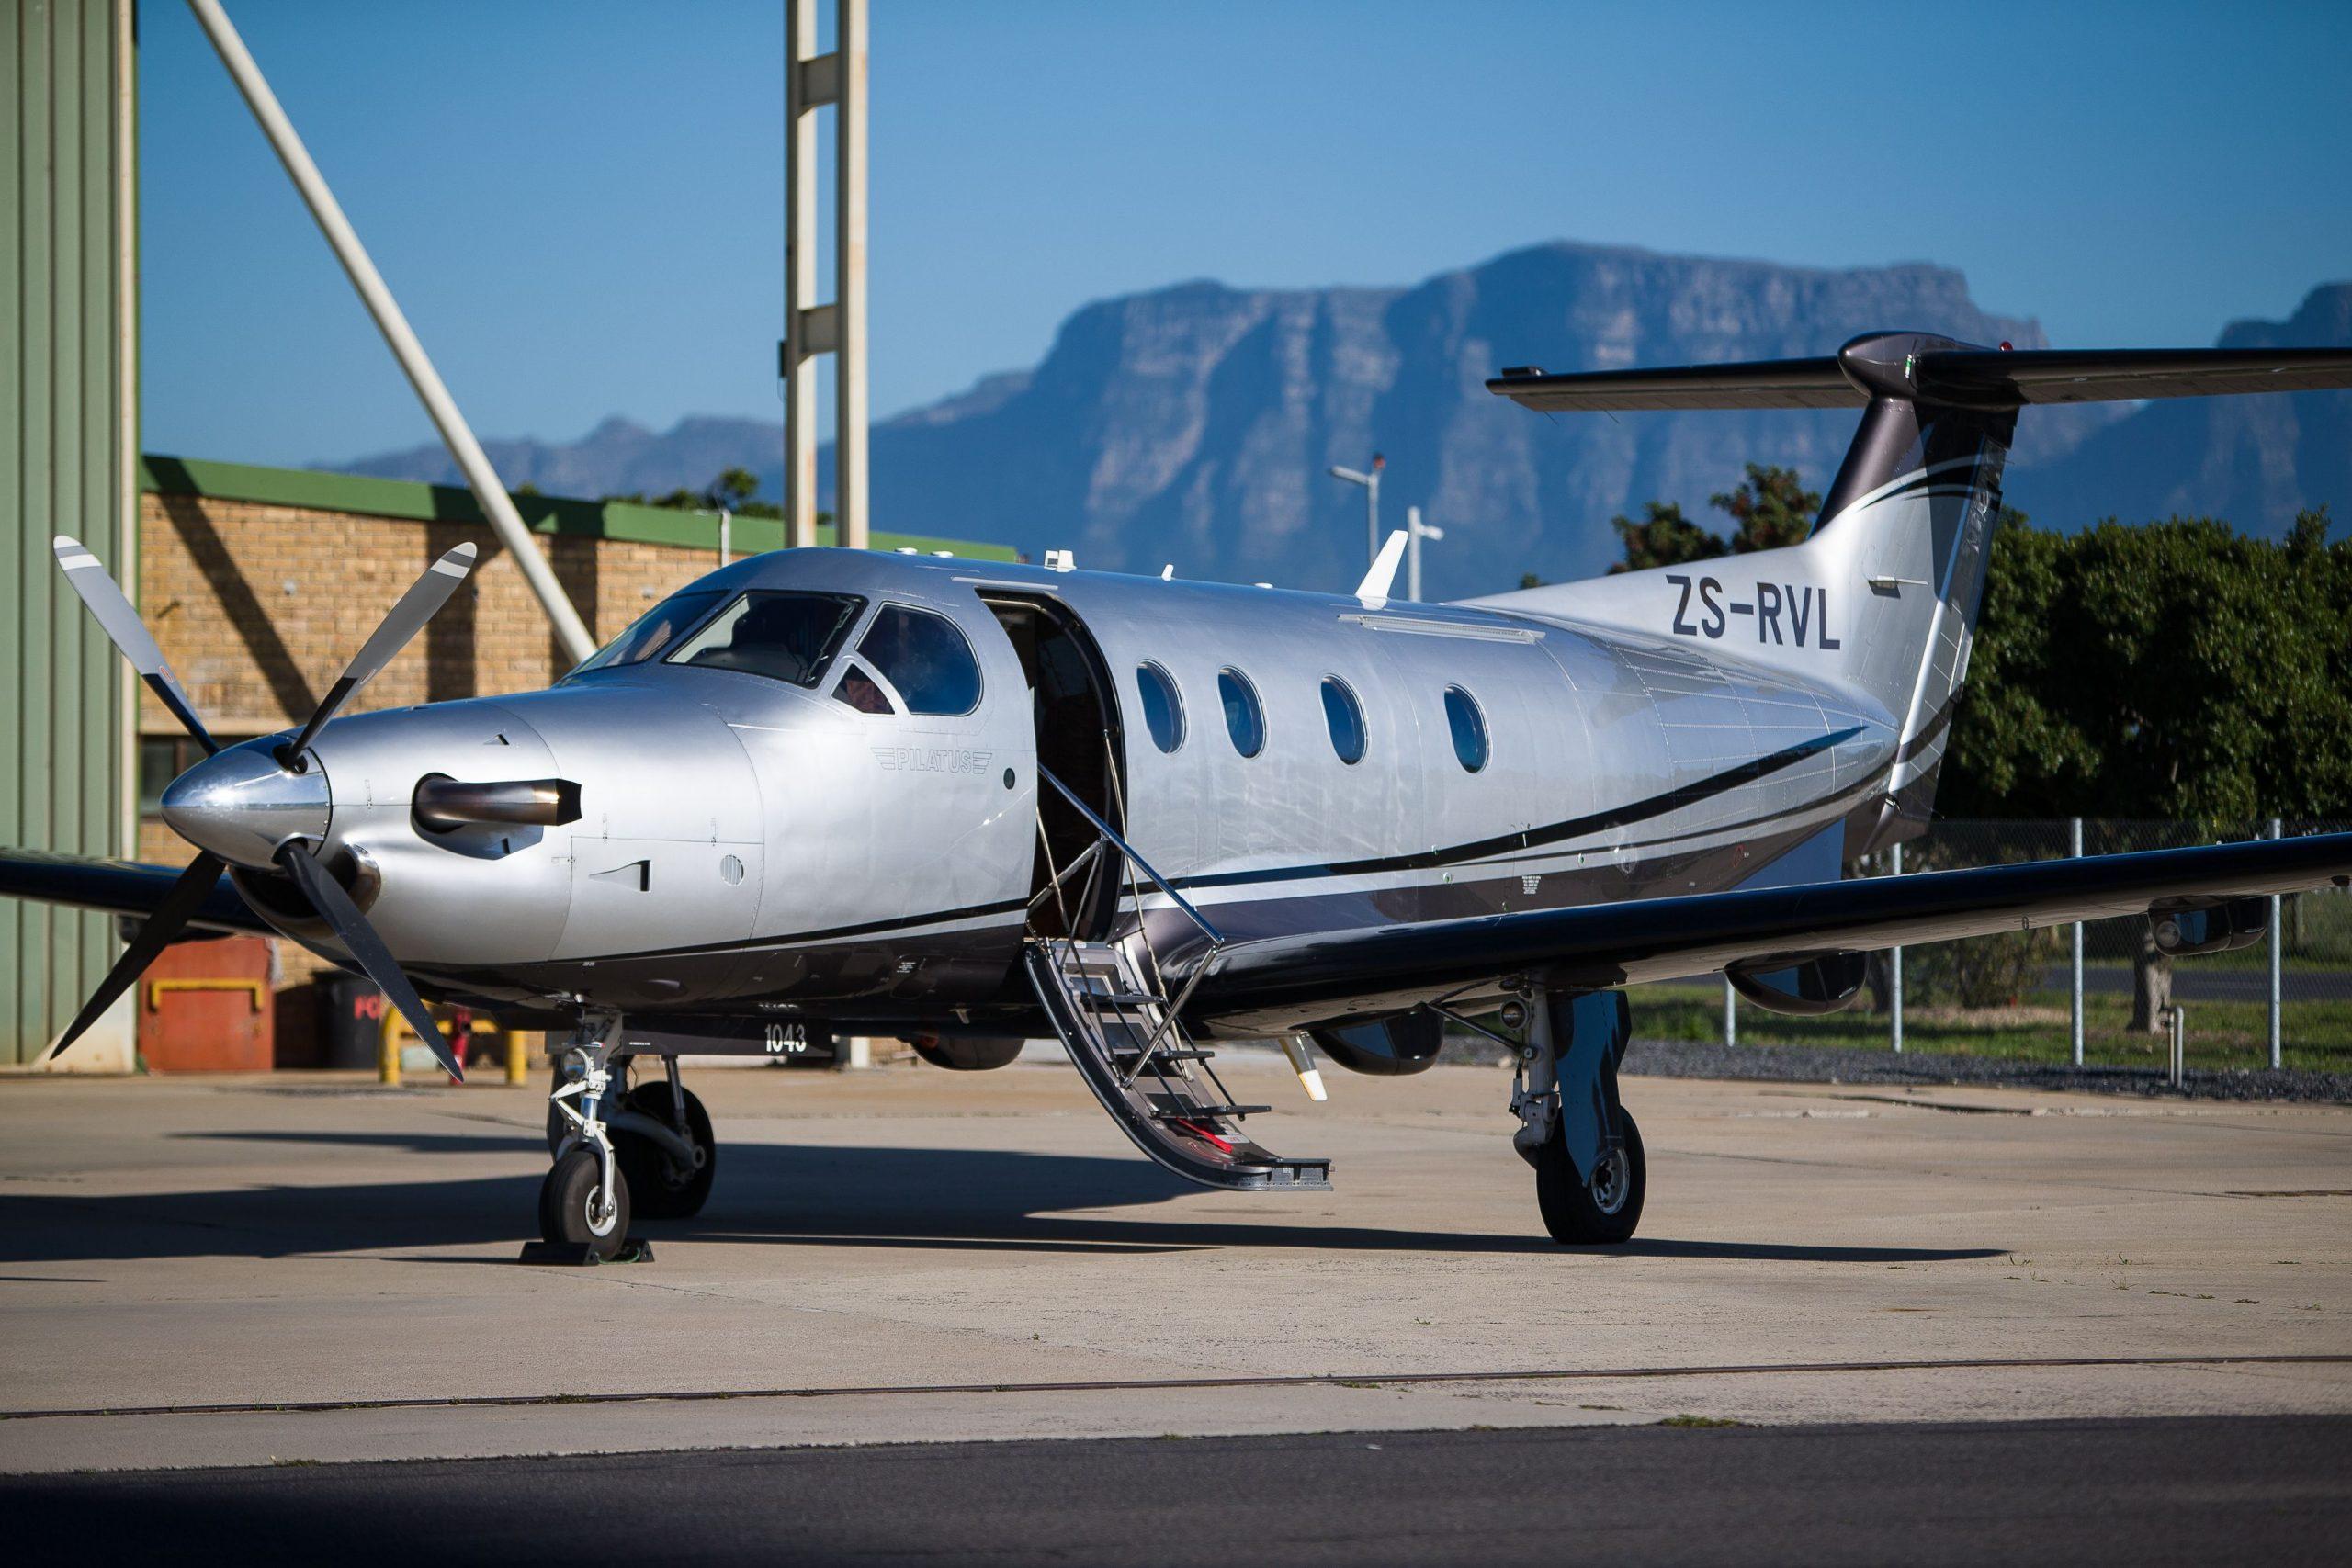 Cape Town charter flights